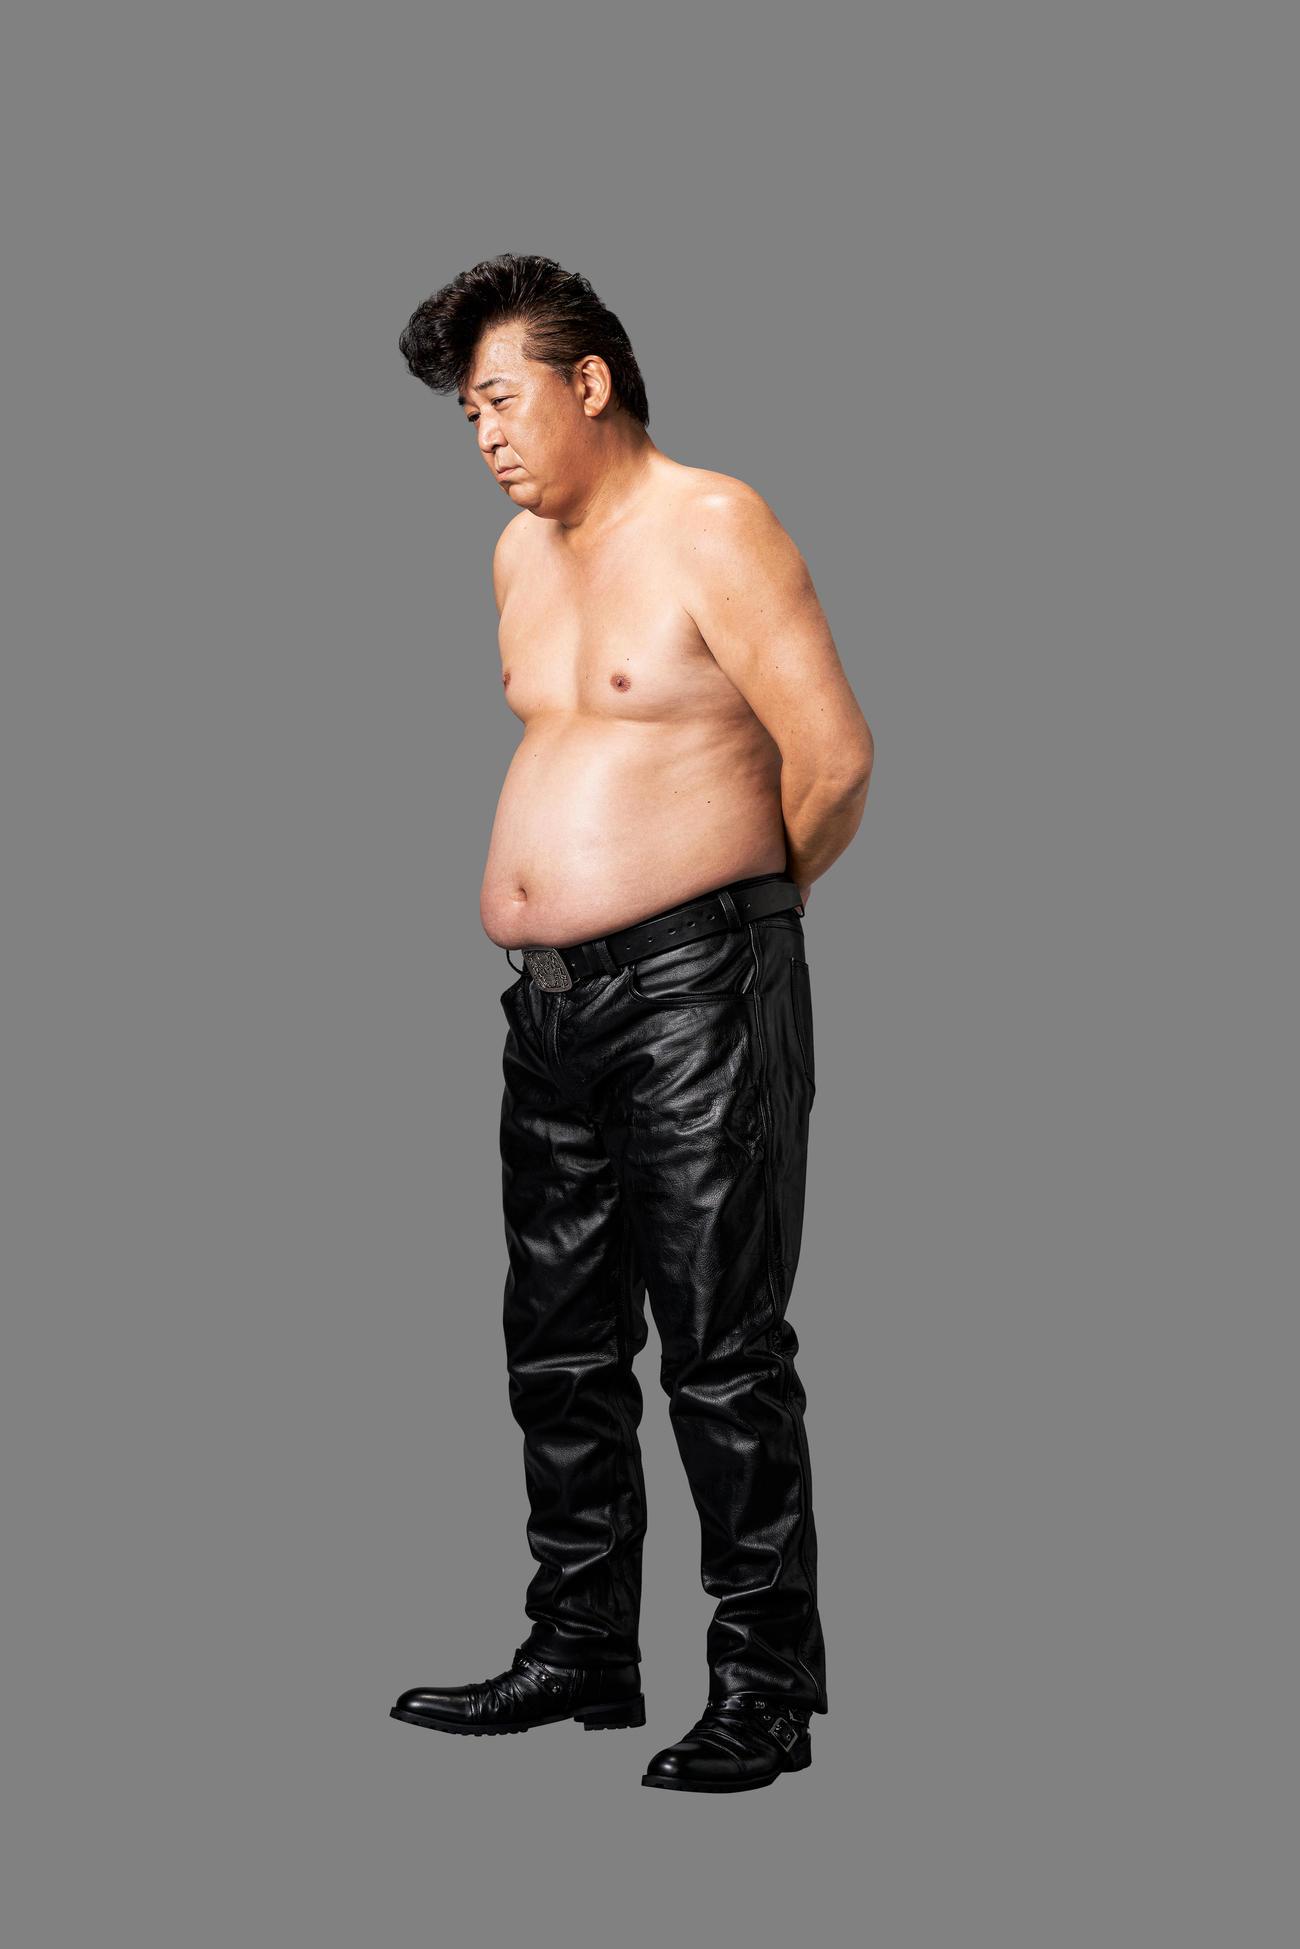 医師から糖尿病と余命を宣告され、ライザップの健康ダイエットを受ける決意をした当時の嶋大輔